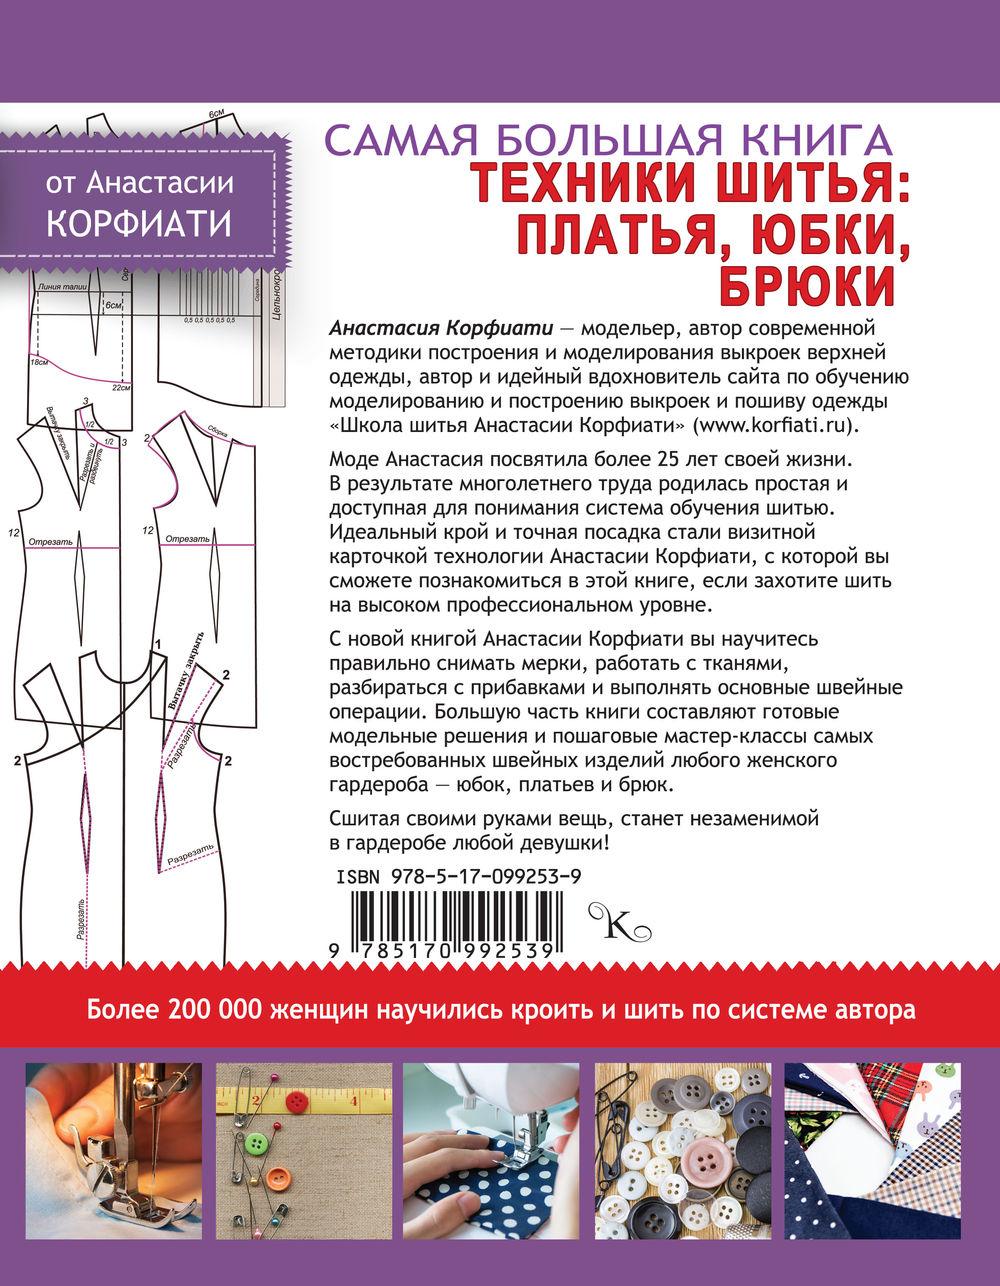 bd11deaa33f ... Техники шитья  платья